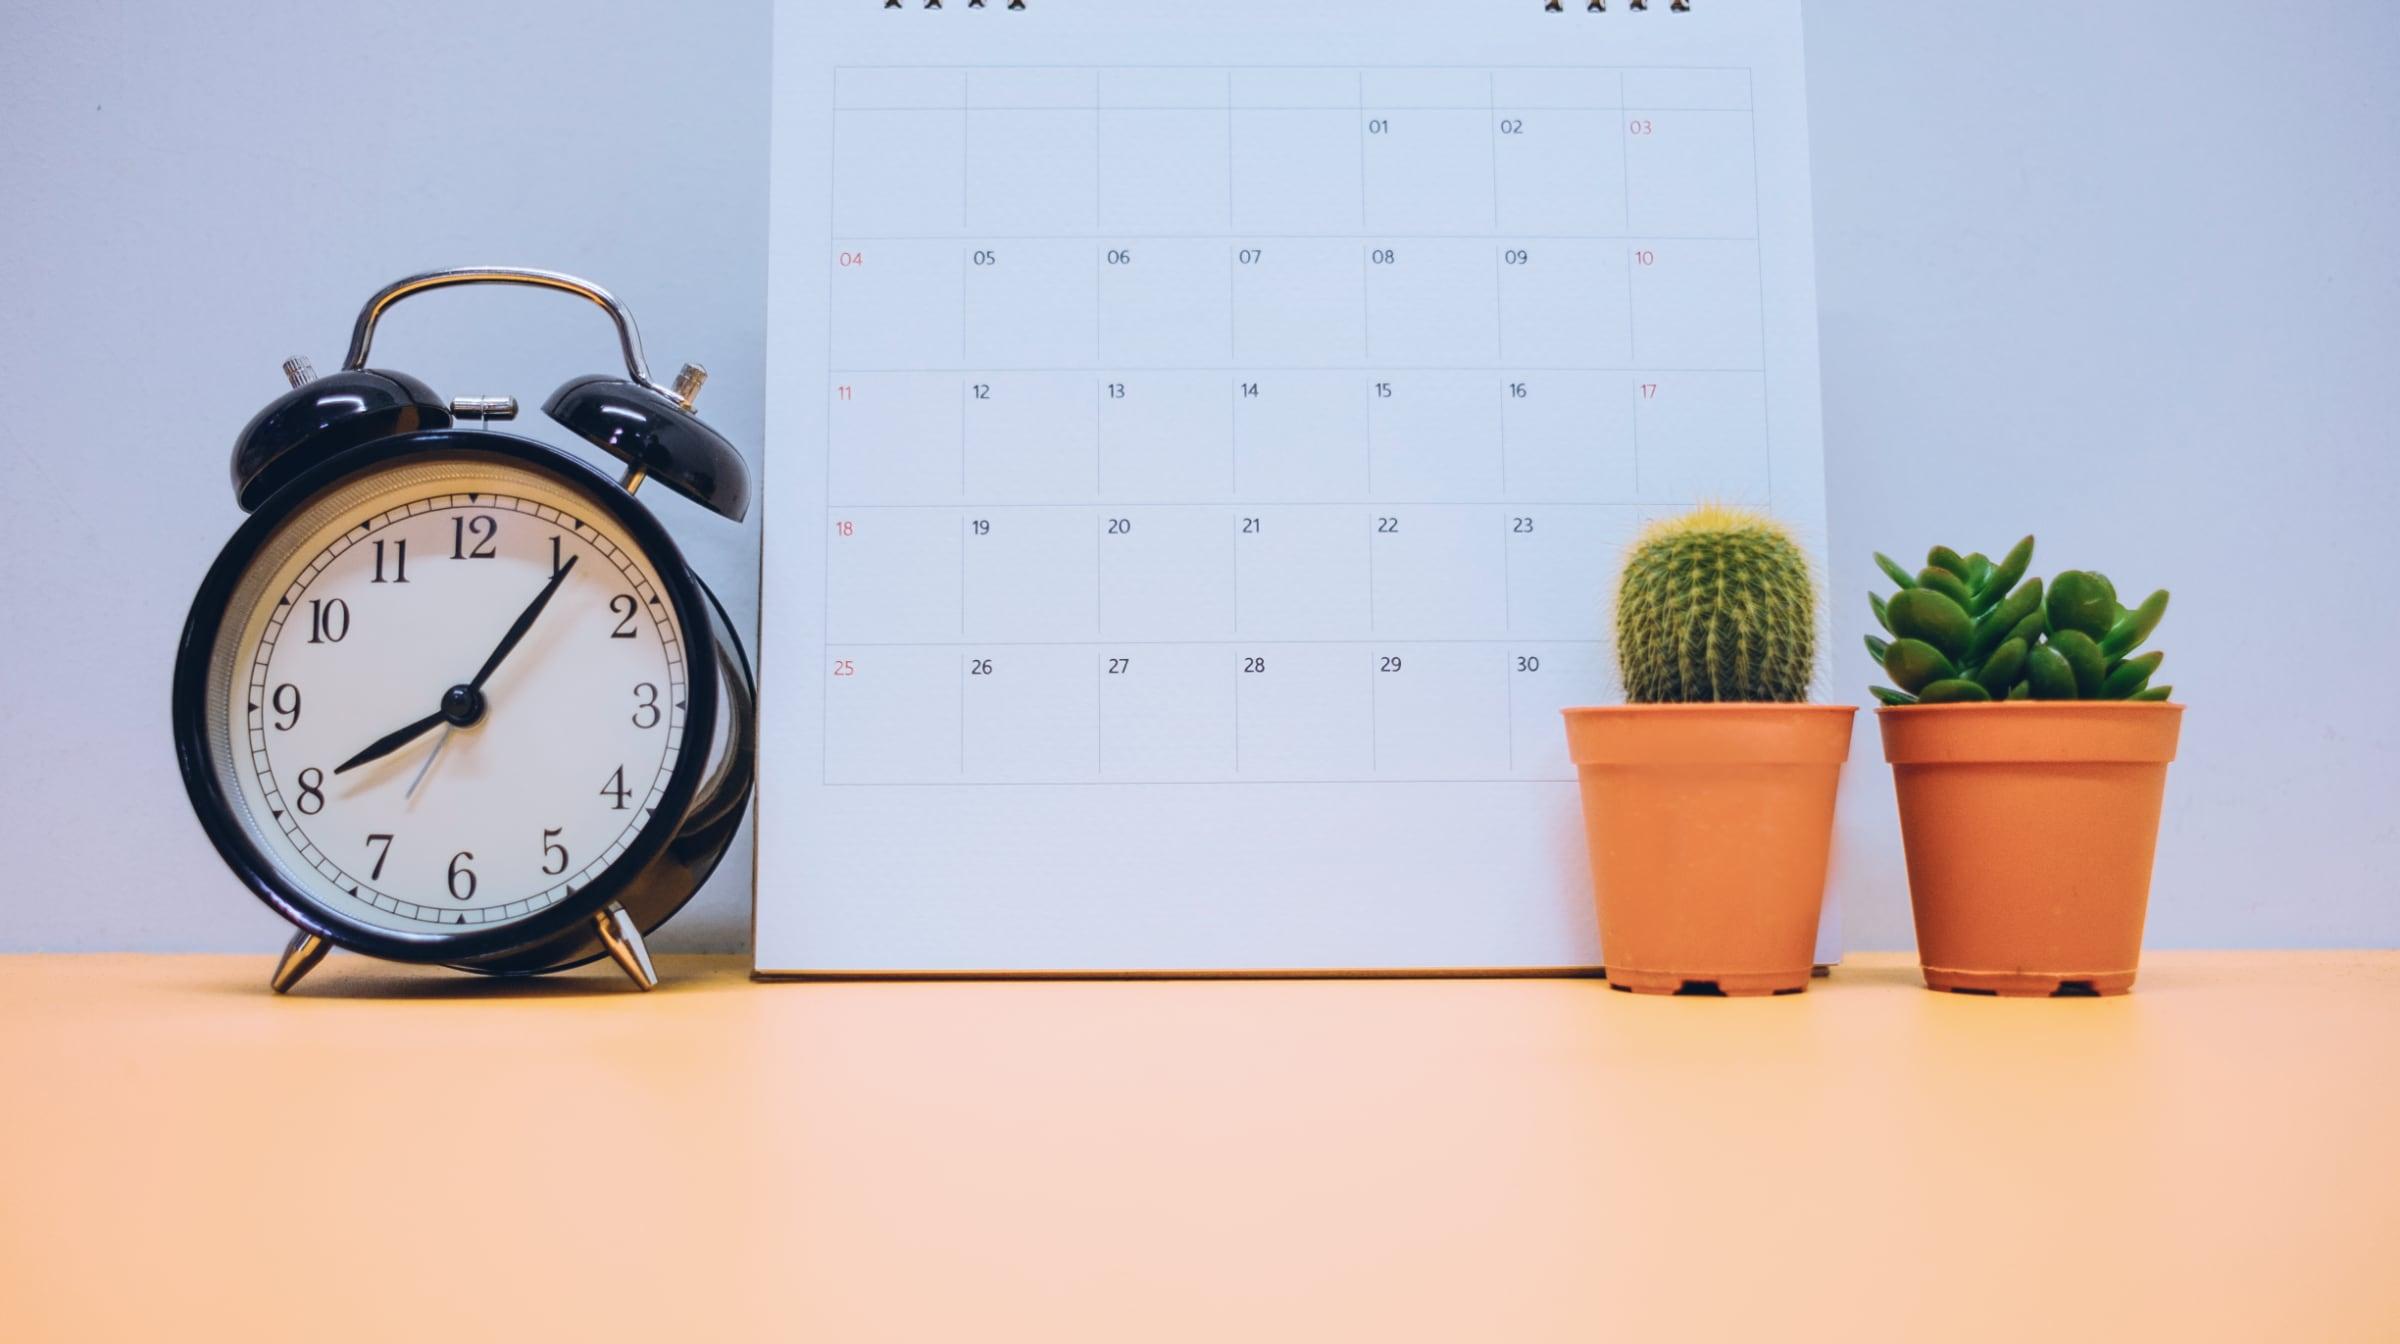 Työnantaja, tunnetko työaika-autonomian pelisäännöt?